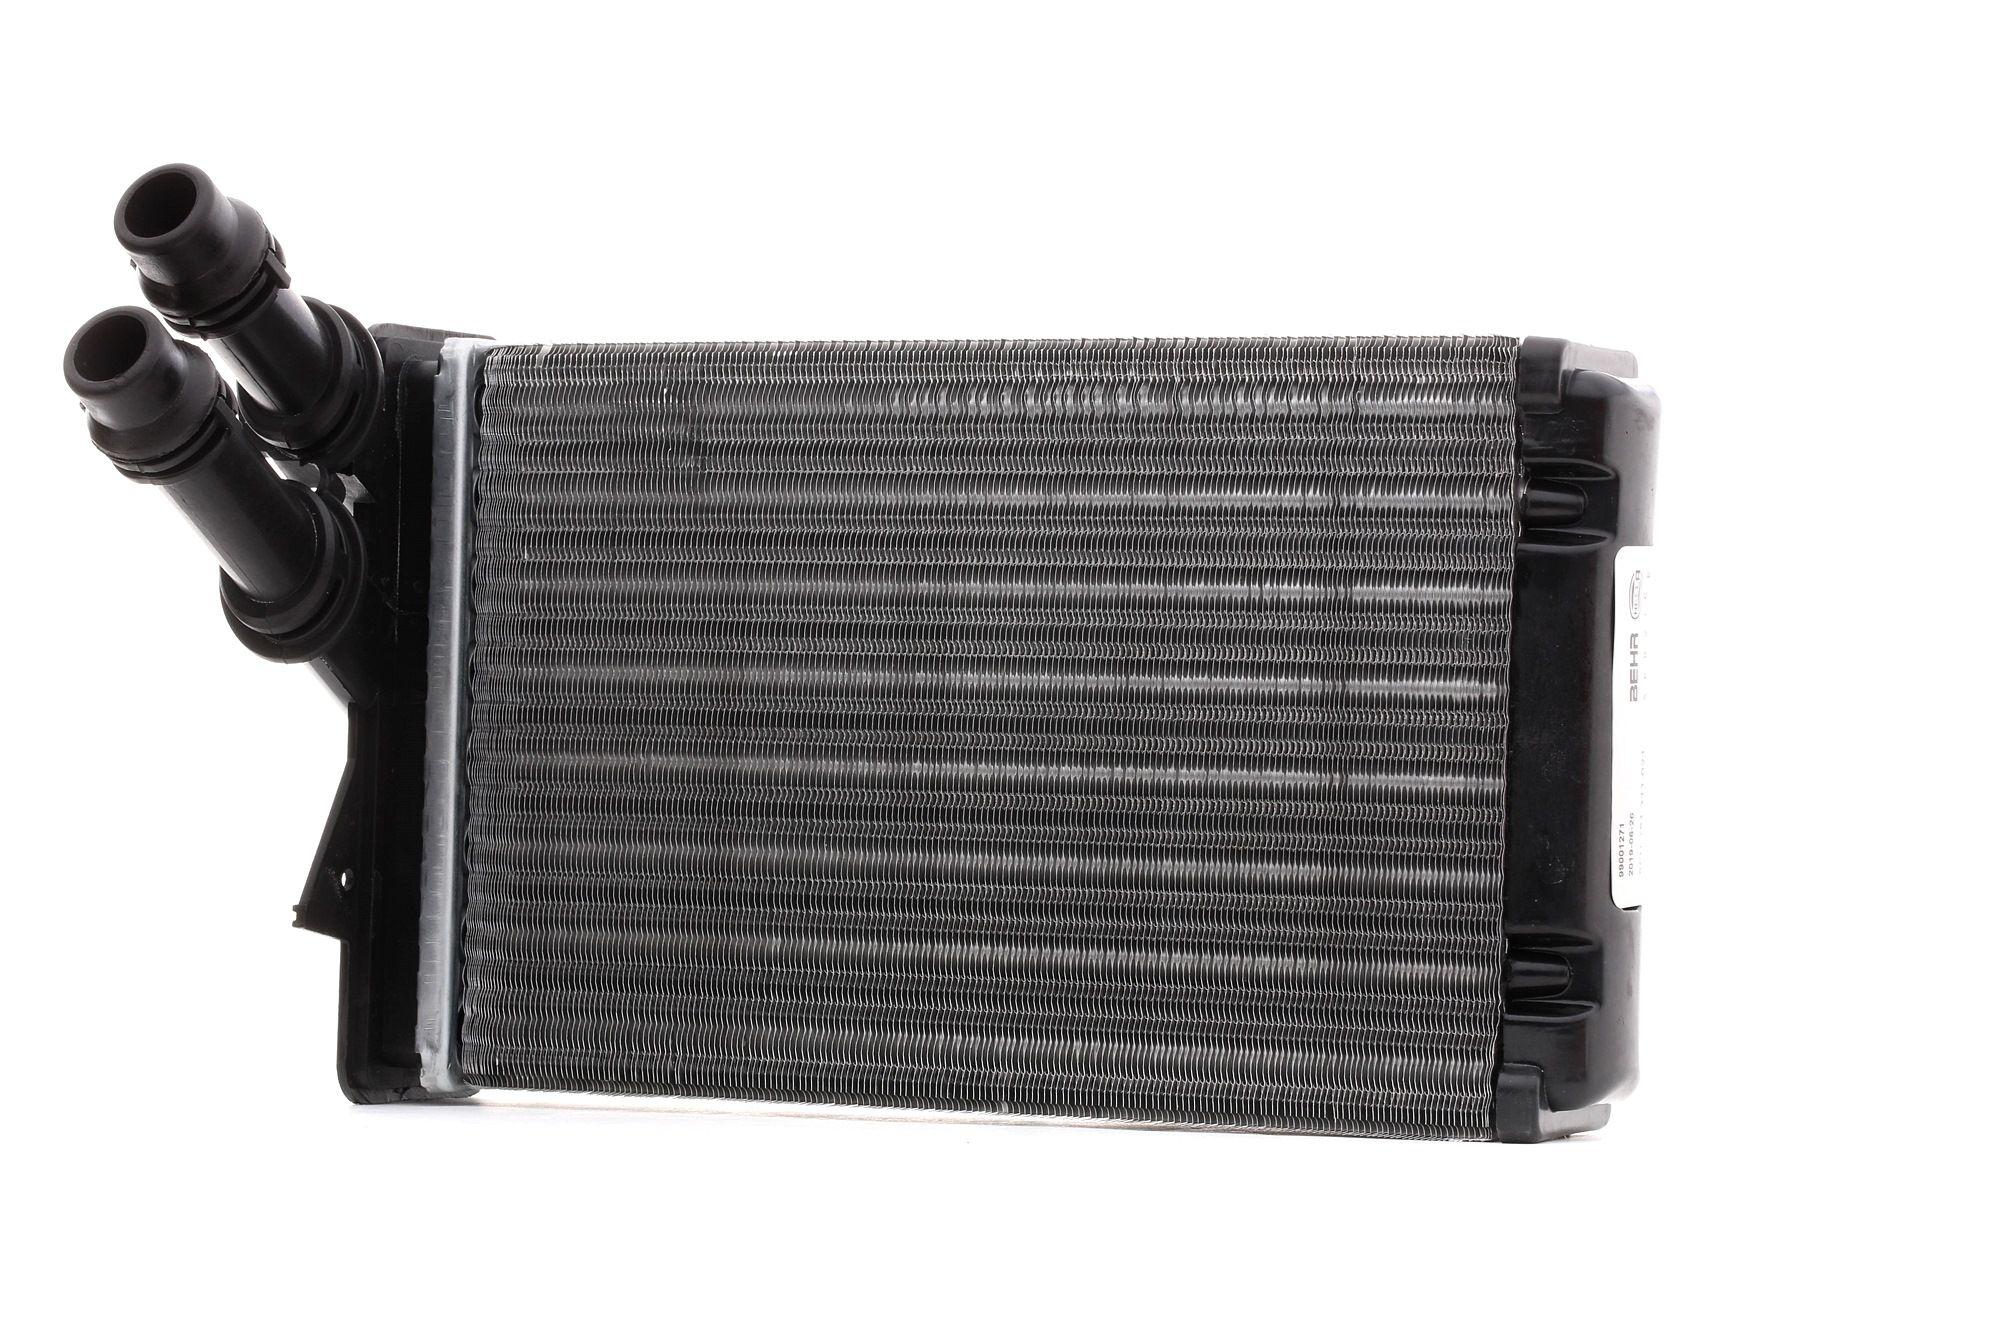 Топлообменник, отопление на вътрешното пространство 8FH 351 311-021 купете - денонощно!